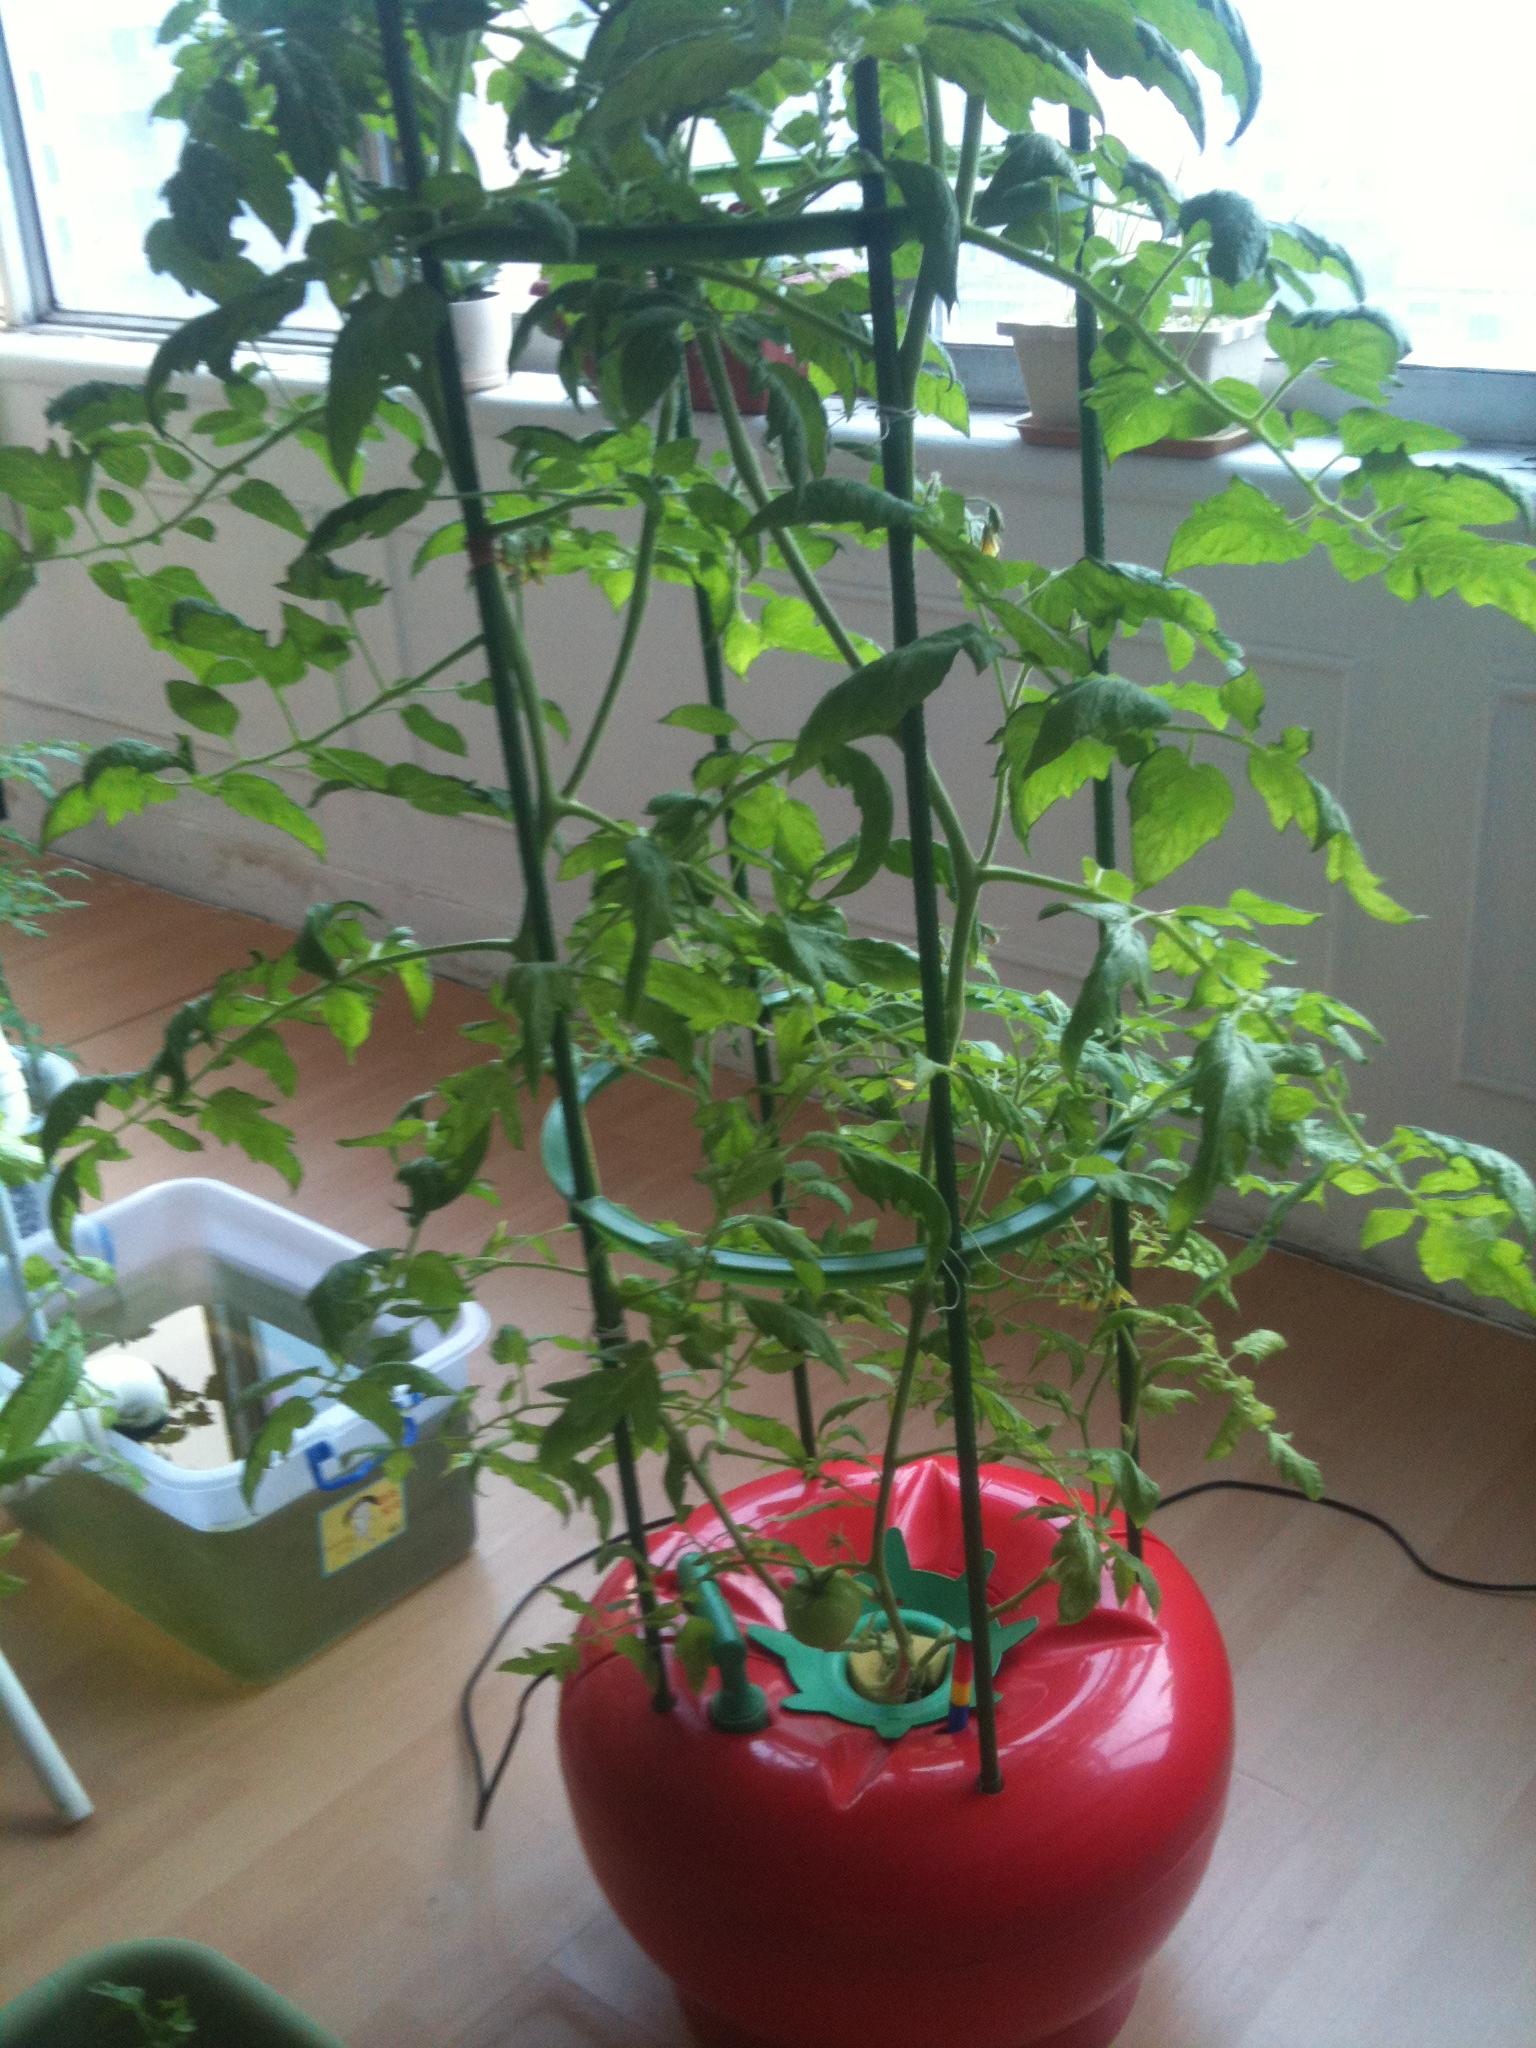 家庭水培蔬菜种植设备展示